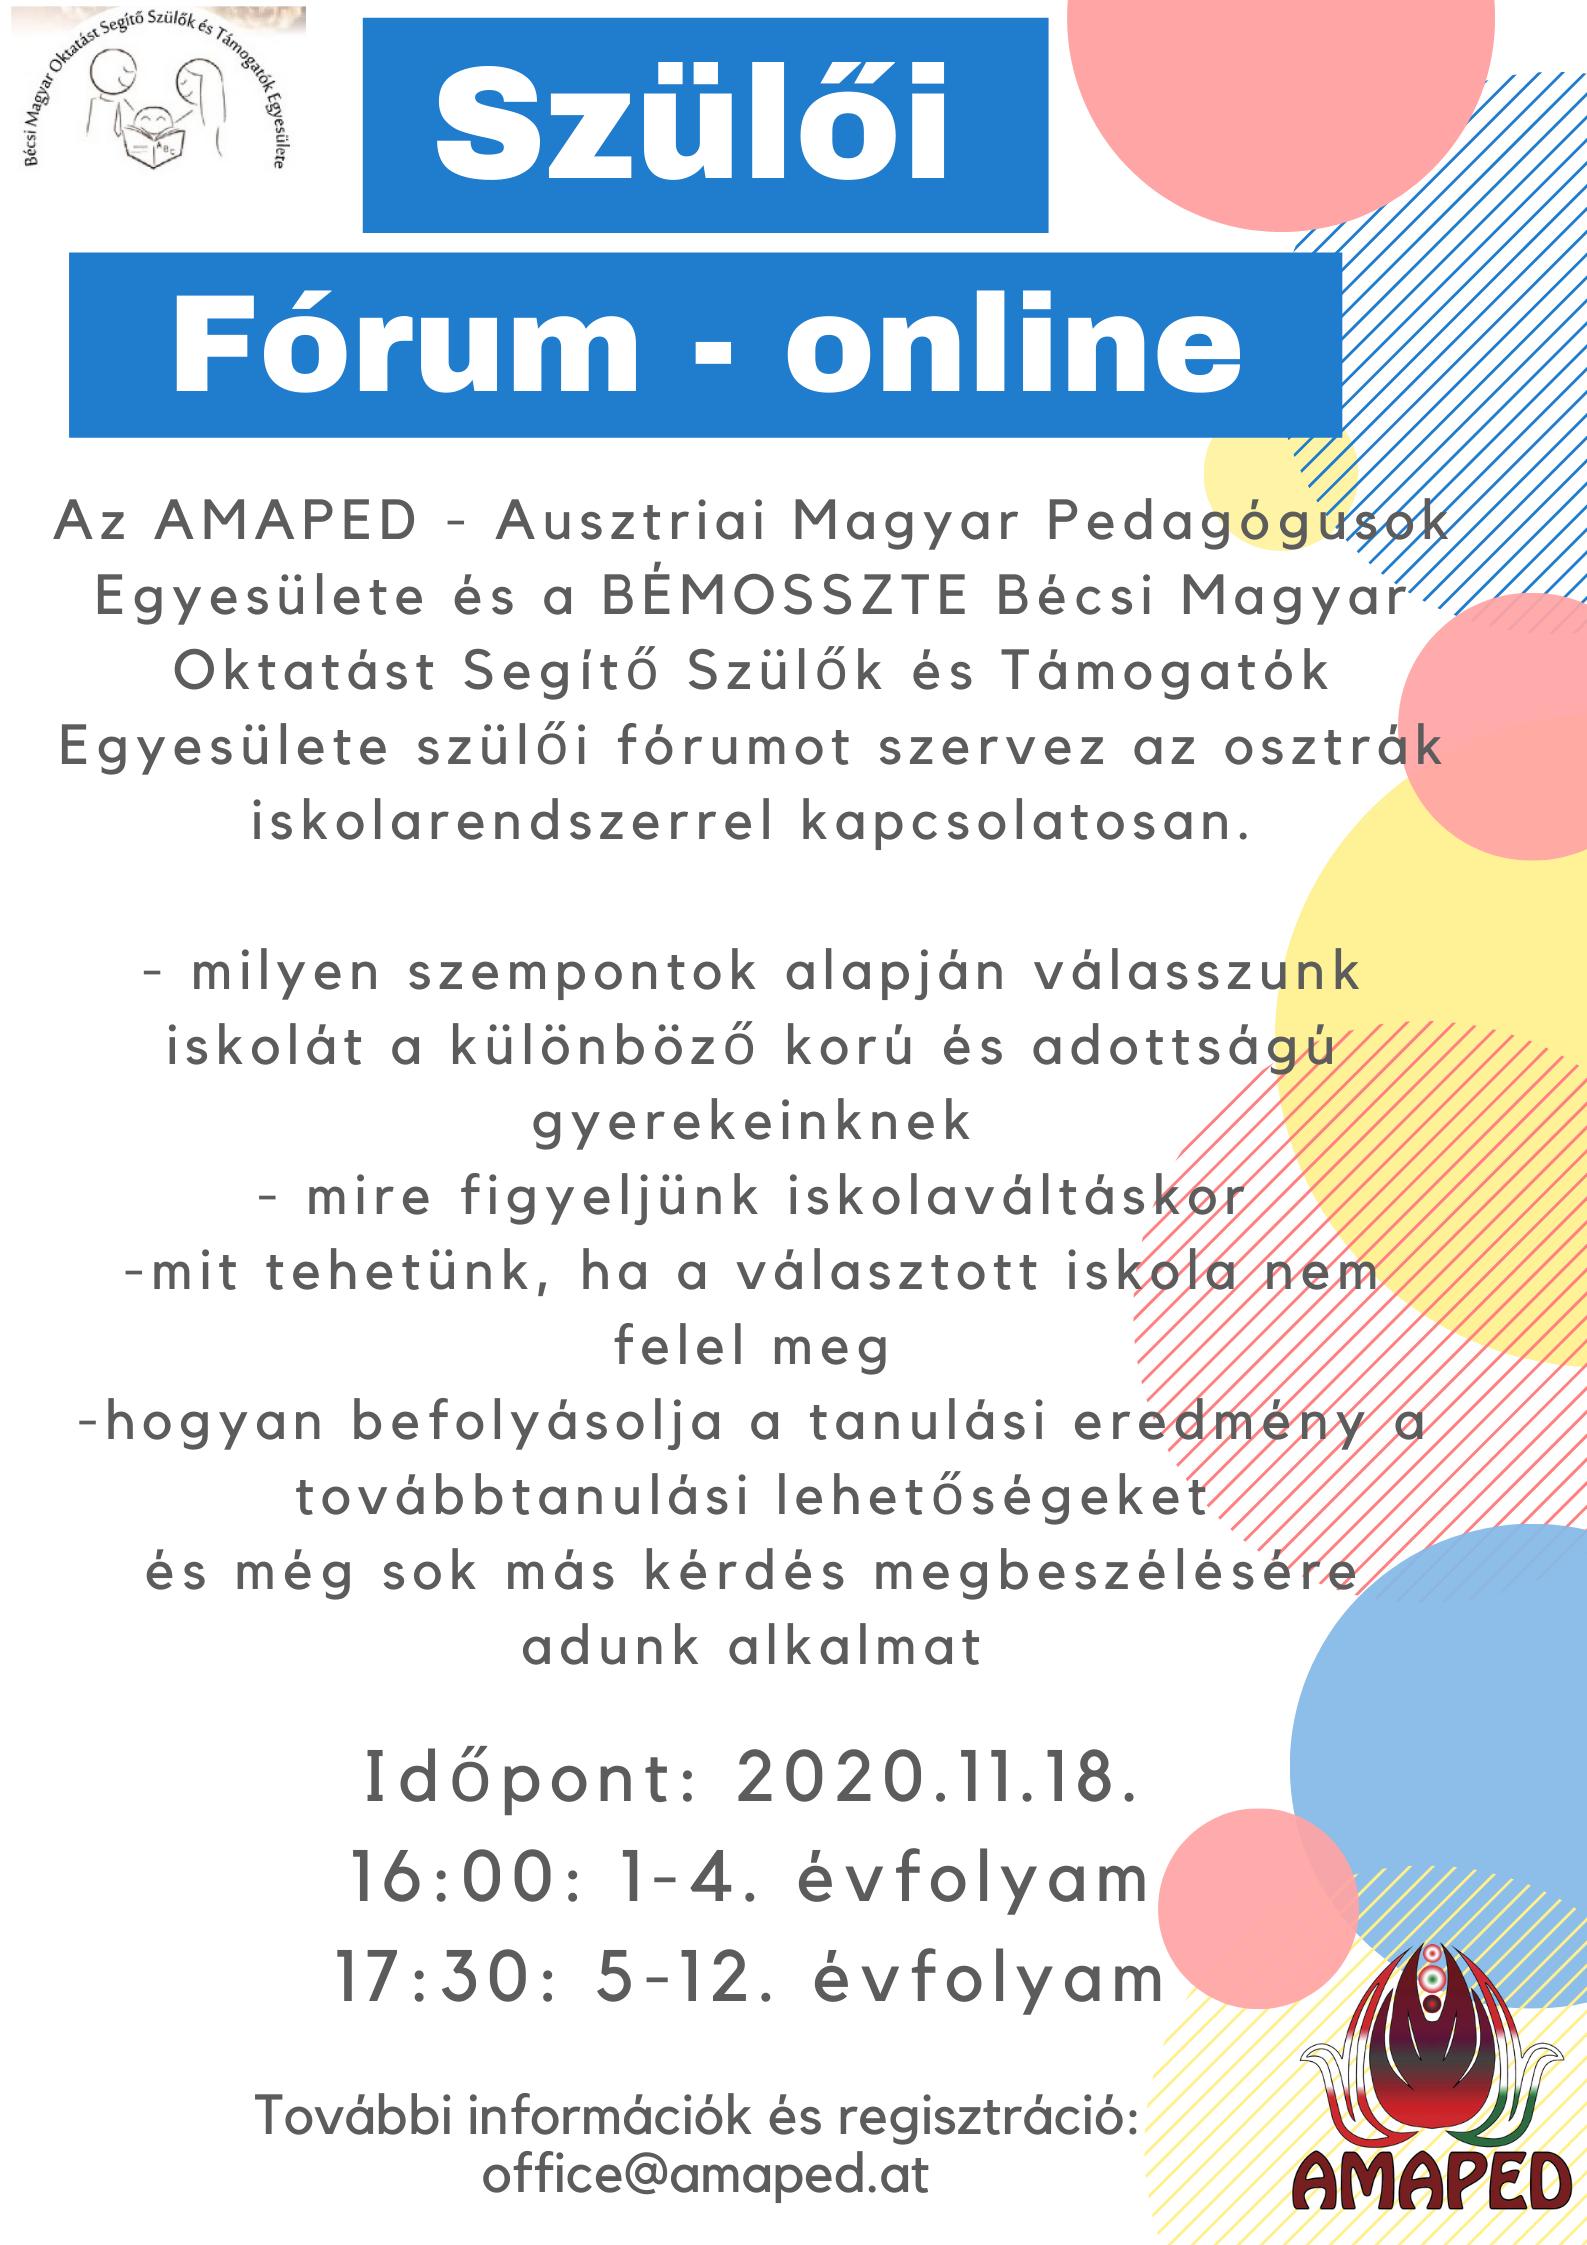 Online Szülői fórum az AMAPED és a BÉMOSSZTE szervezésében